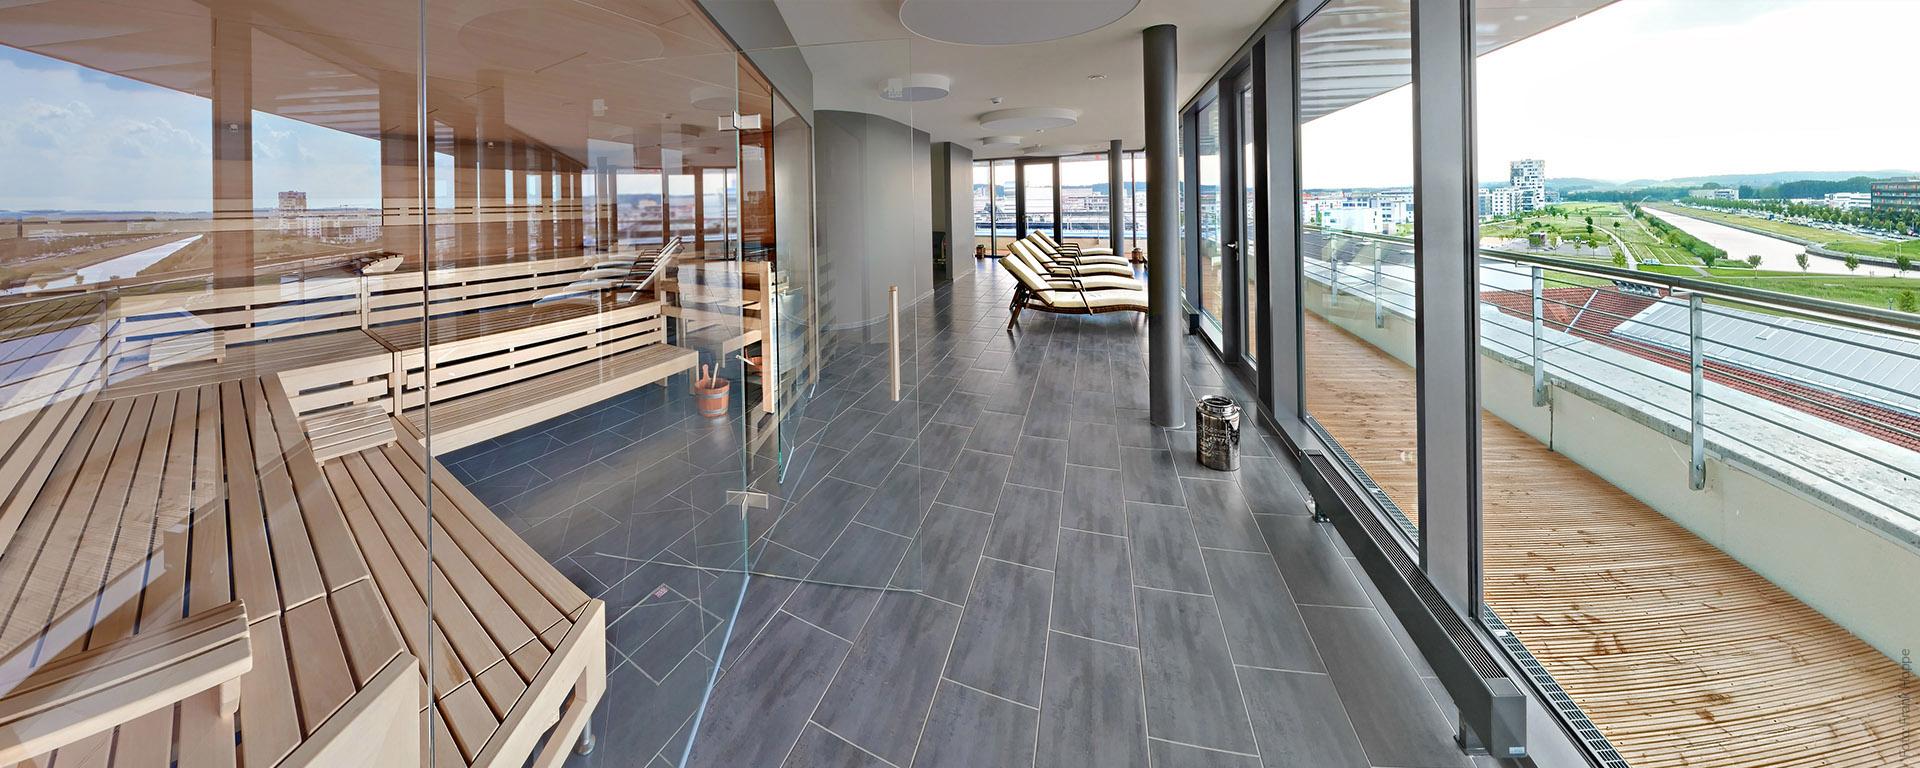 V8 HOTEL- Wellness- & Saunalandschaft, Entschleunigung, Entspannung und Erholung - Böblingen-Flugfeld, Region Stuttgart